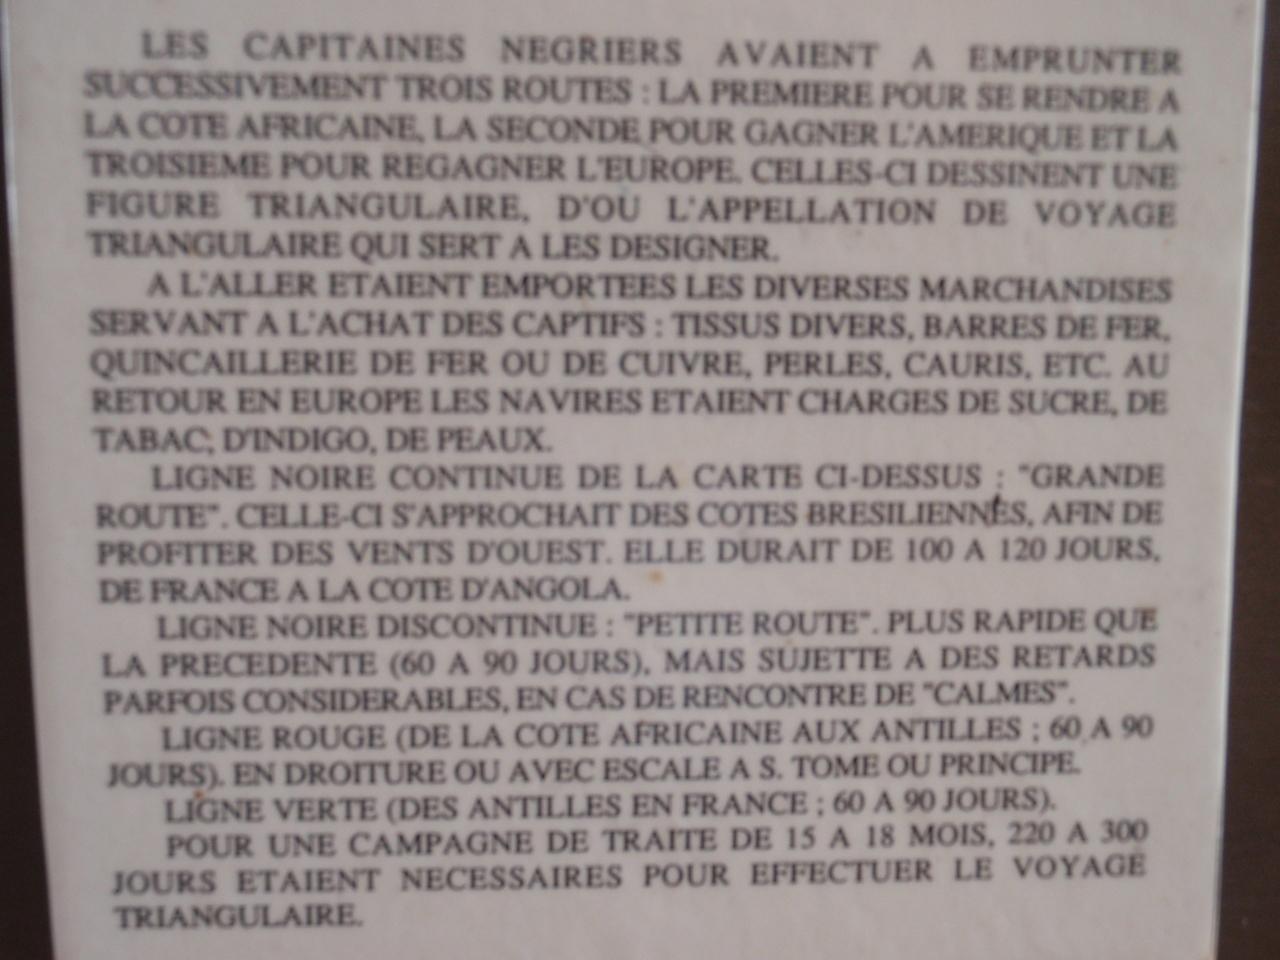 087_Saint Louis  Musee du C R D S  La Route Triangulaire